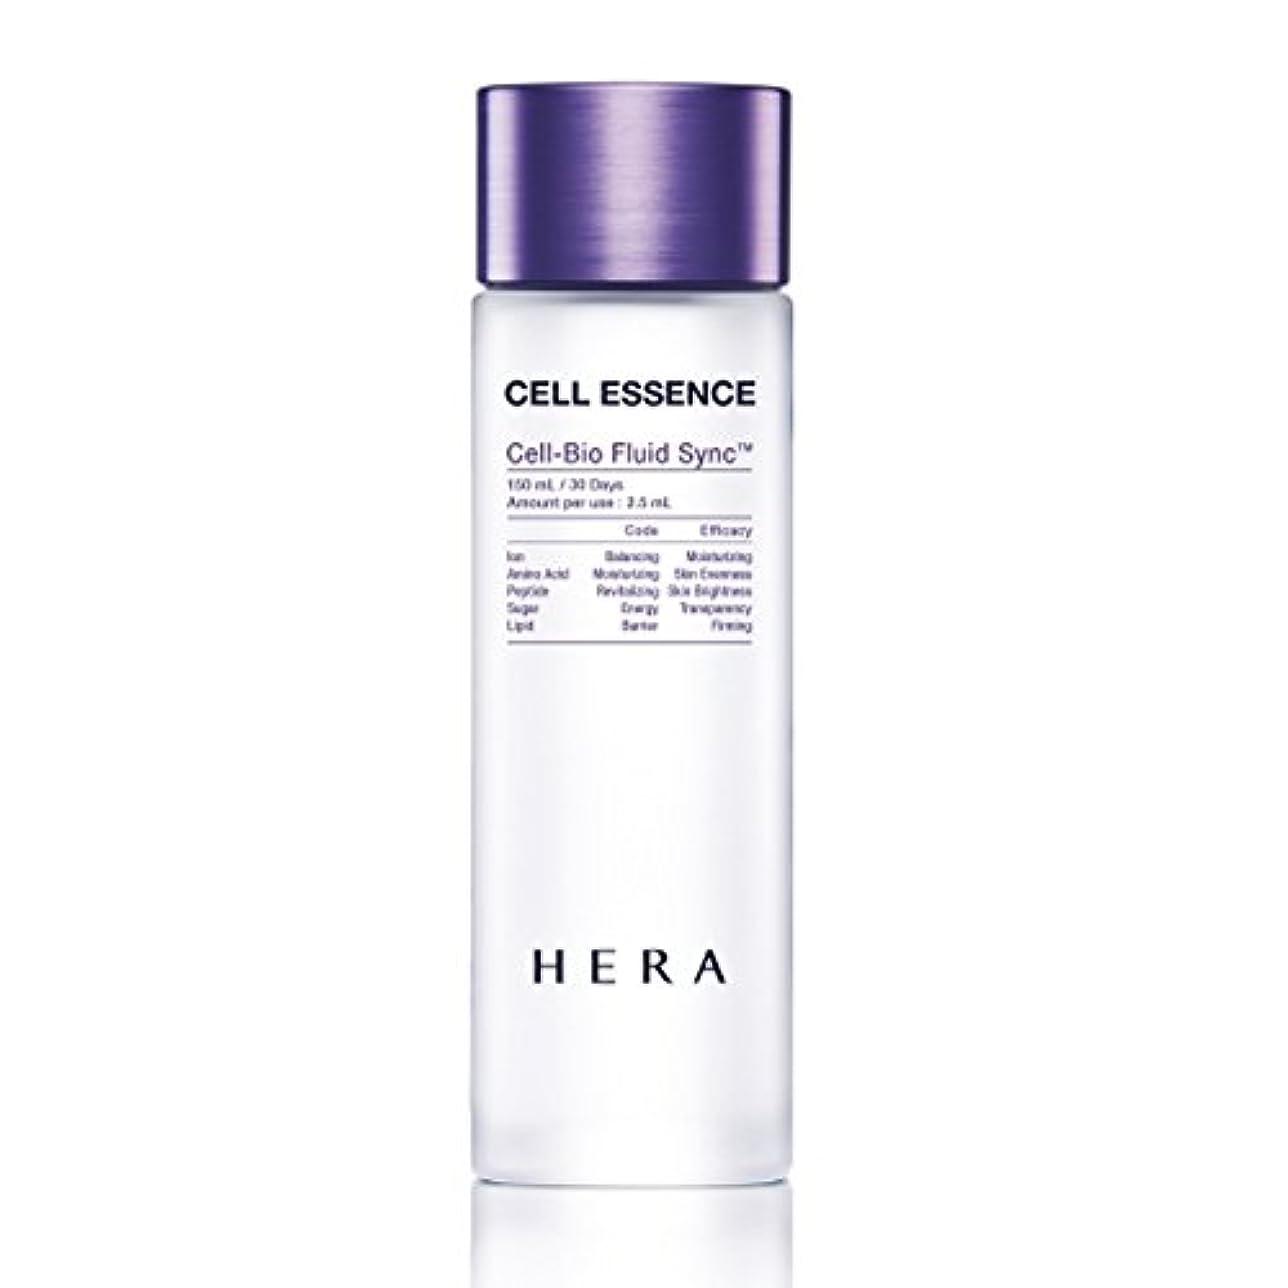 学んだ場所収入[ヘラ/HERA]HERA CELL ESSENCE/ヘラ セル エッセンス 150ml【美容液】(海外直送品)